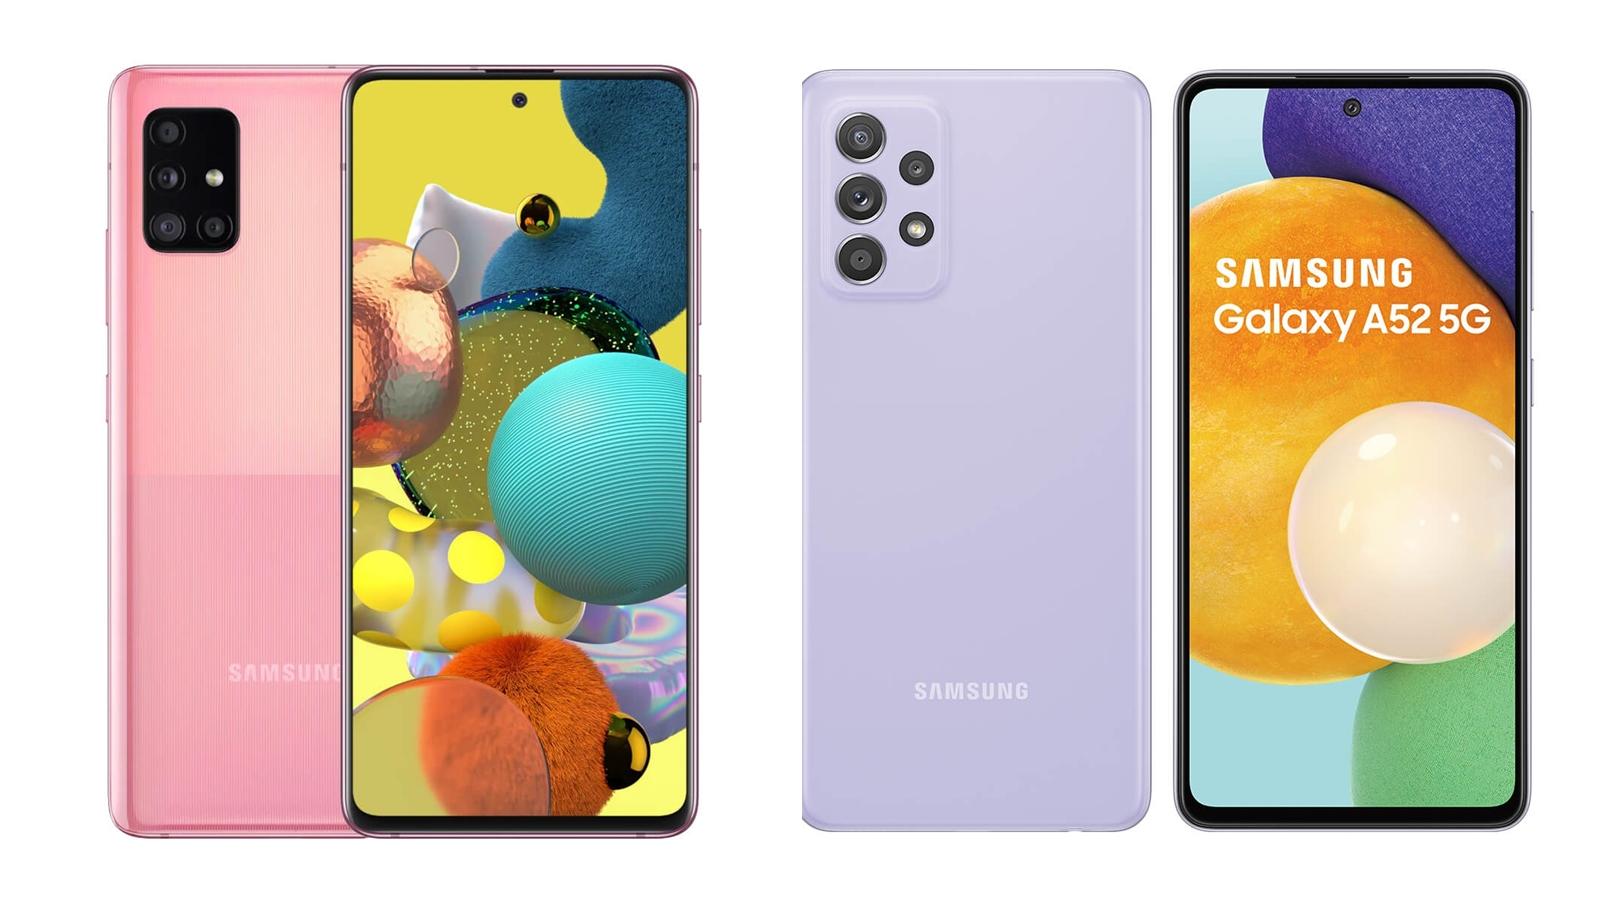 【手機專知】三星A52跟A51 5G的不同差異為何?消費者該怎麼選擇?